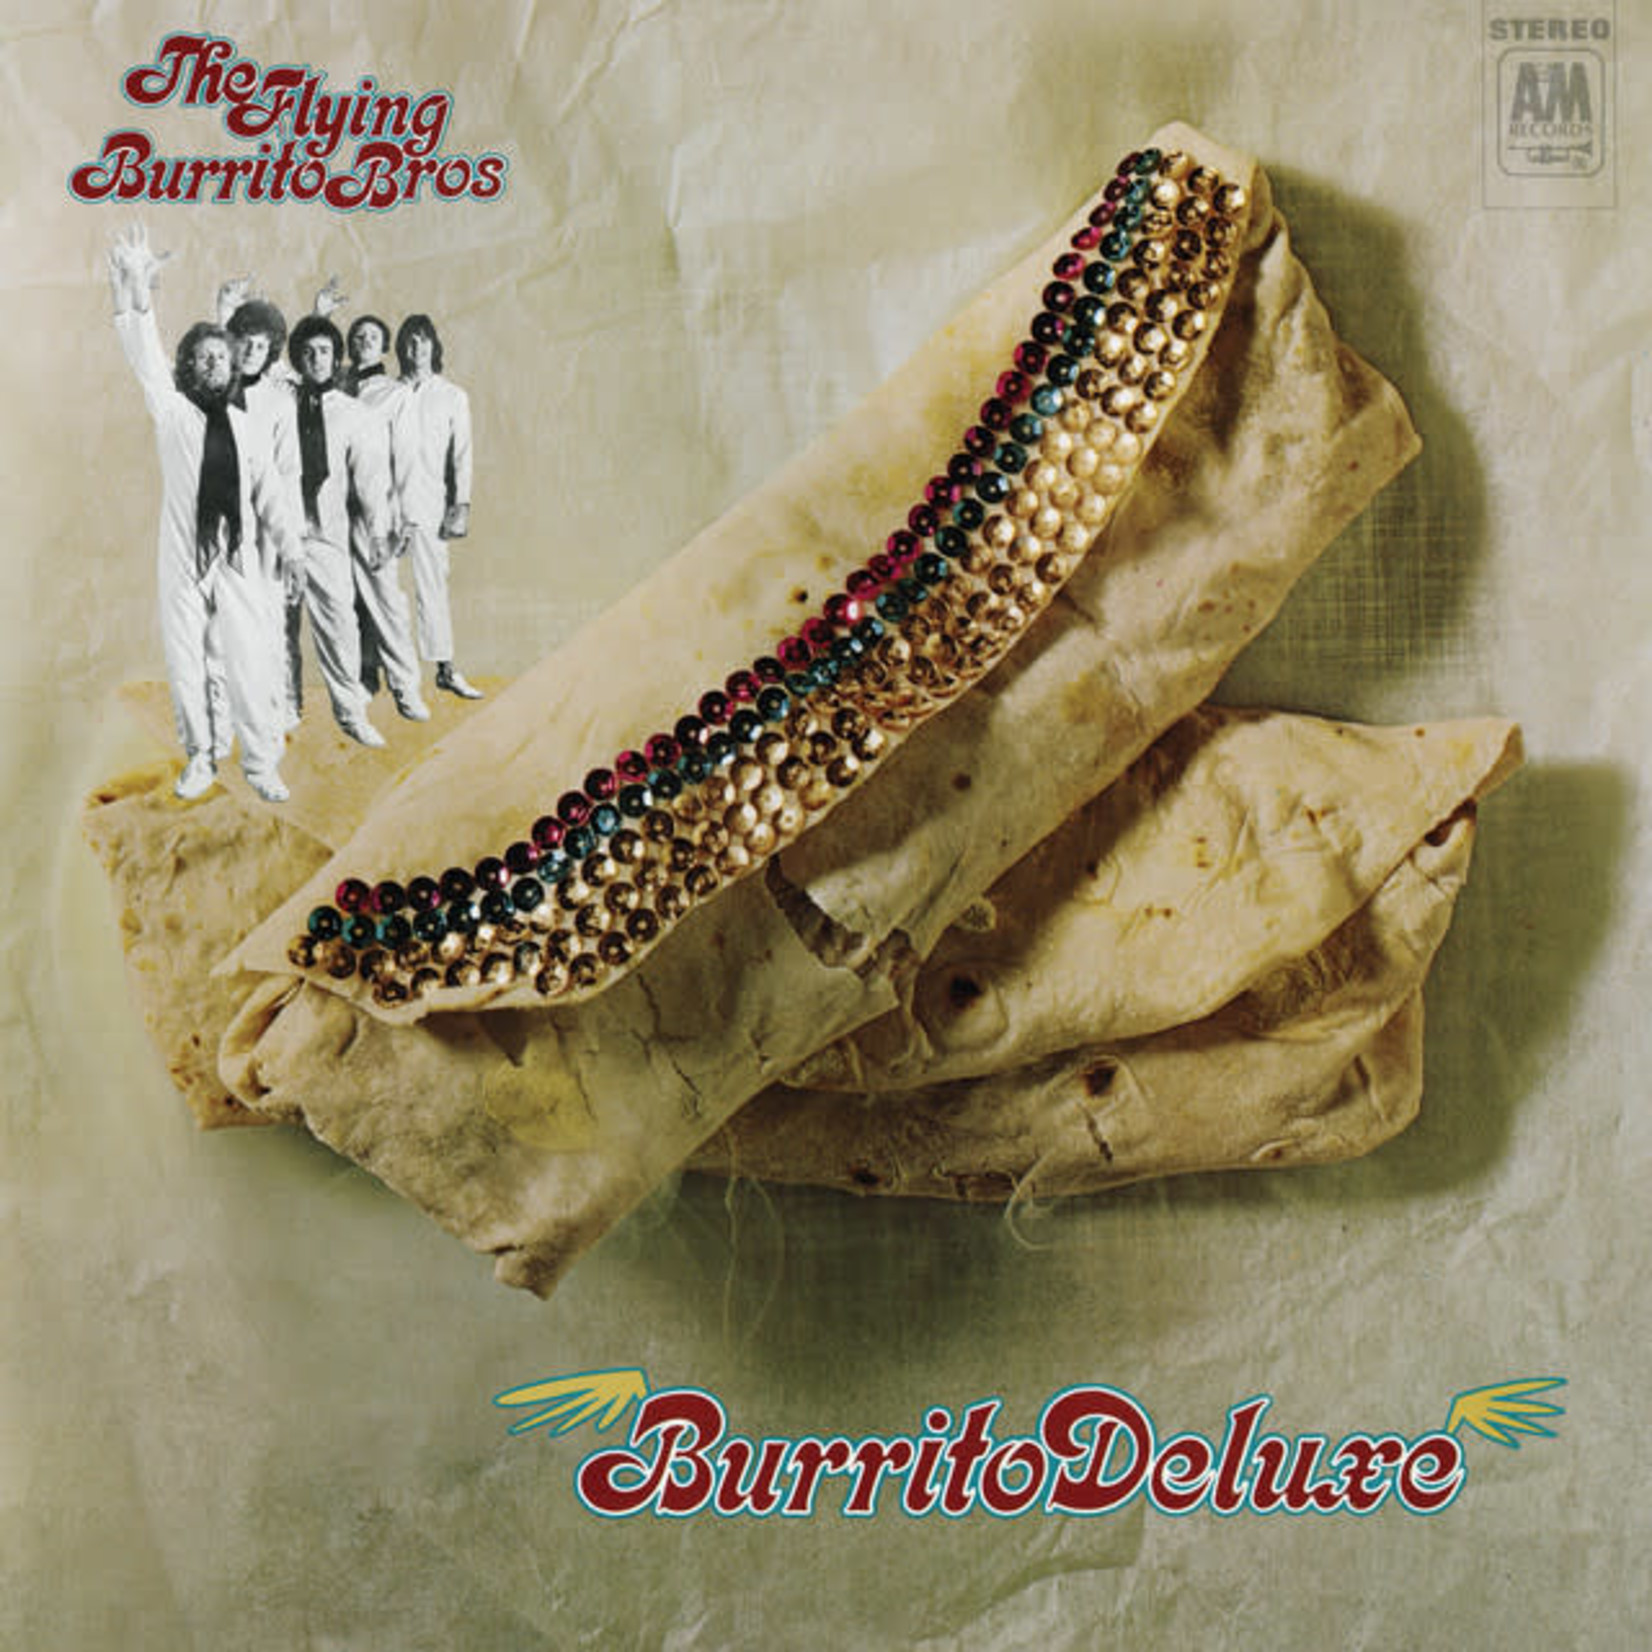 Vinyl The Flying Burrito Bros - Burrito Deluxe